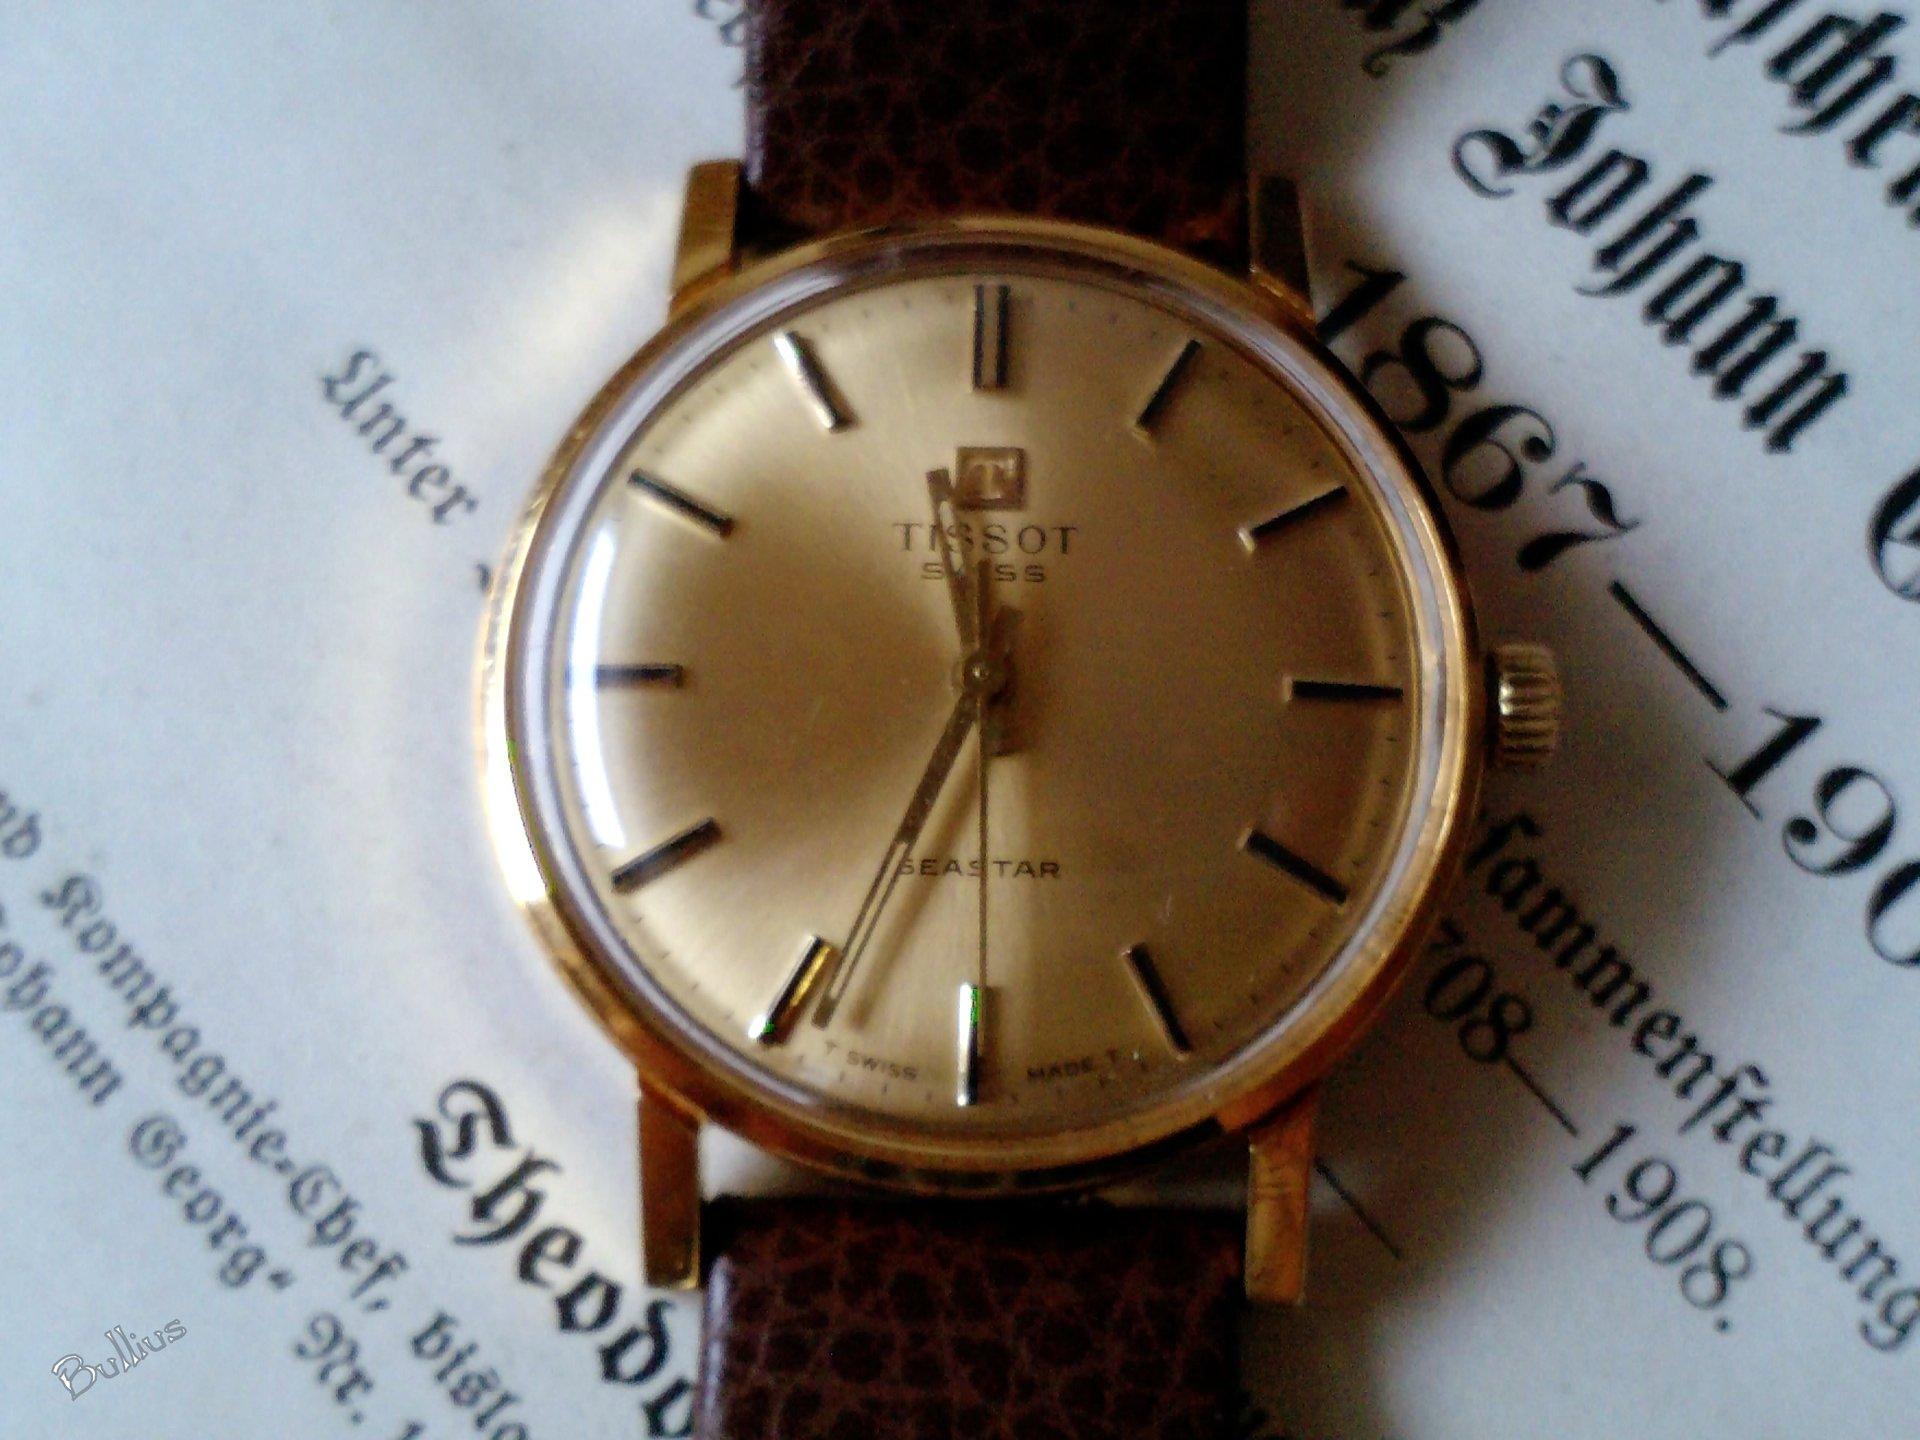 Наручные часы Tissot цены в Челябинске